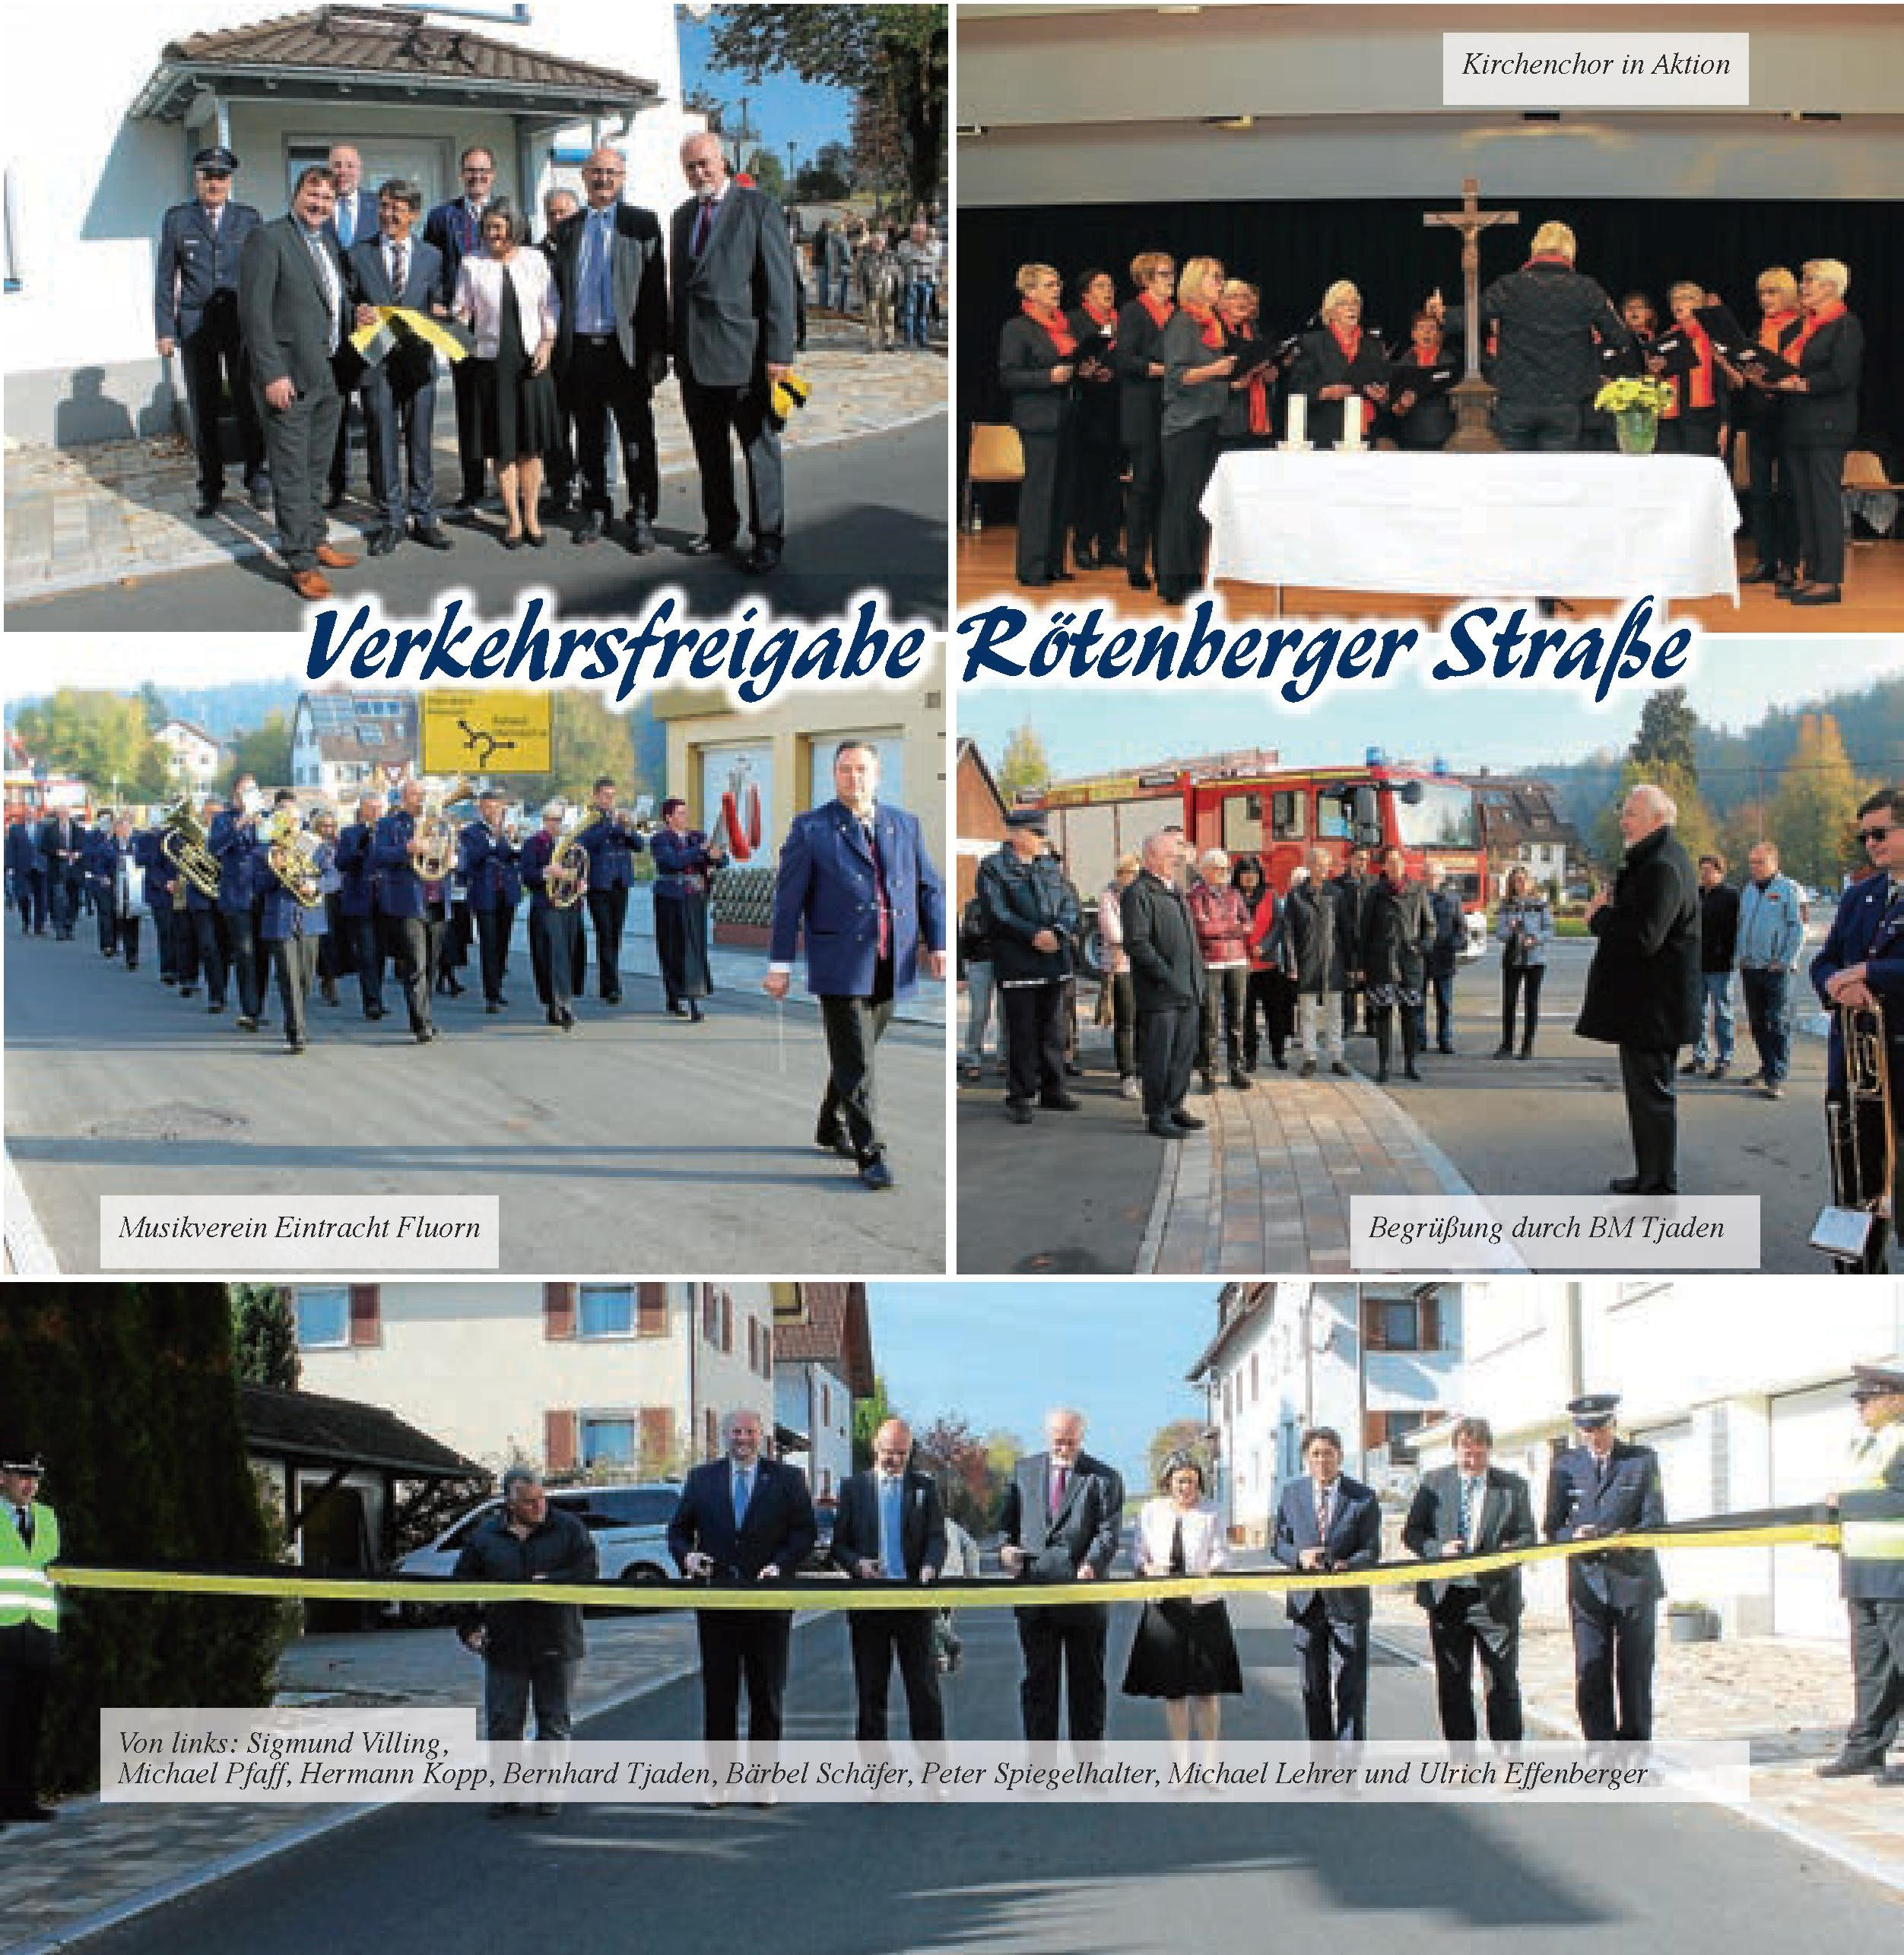 Bilder von der Verkehrsfreigabe der Rötenberger Straße